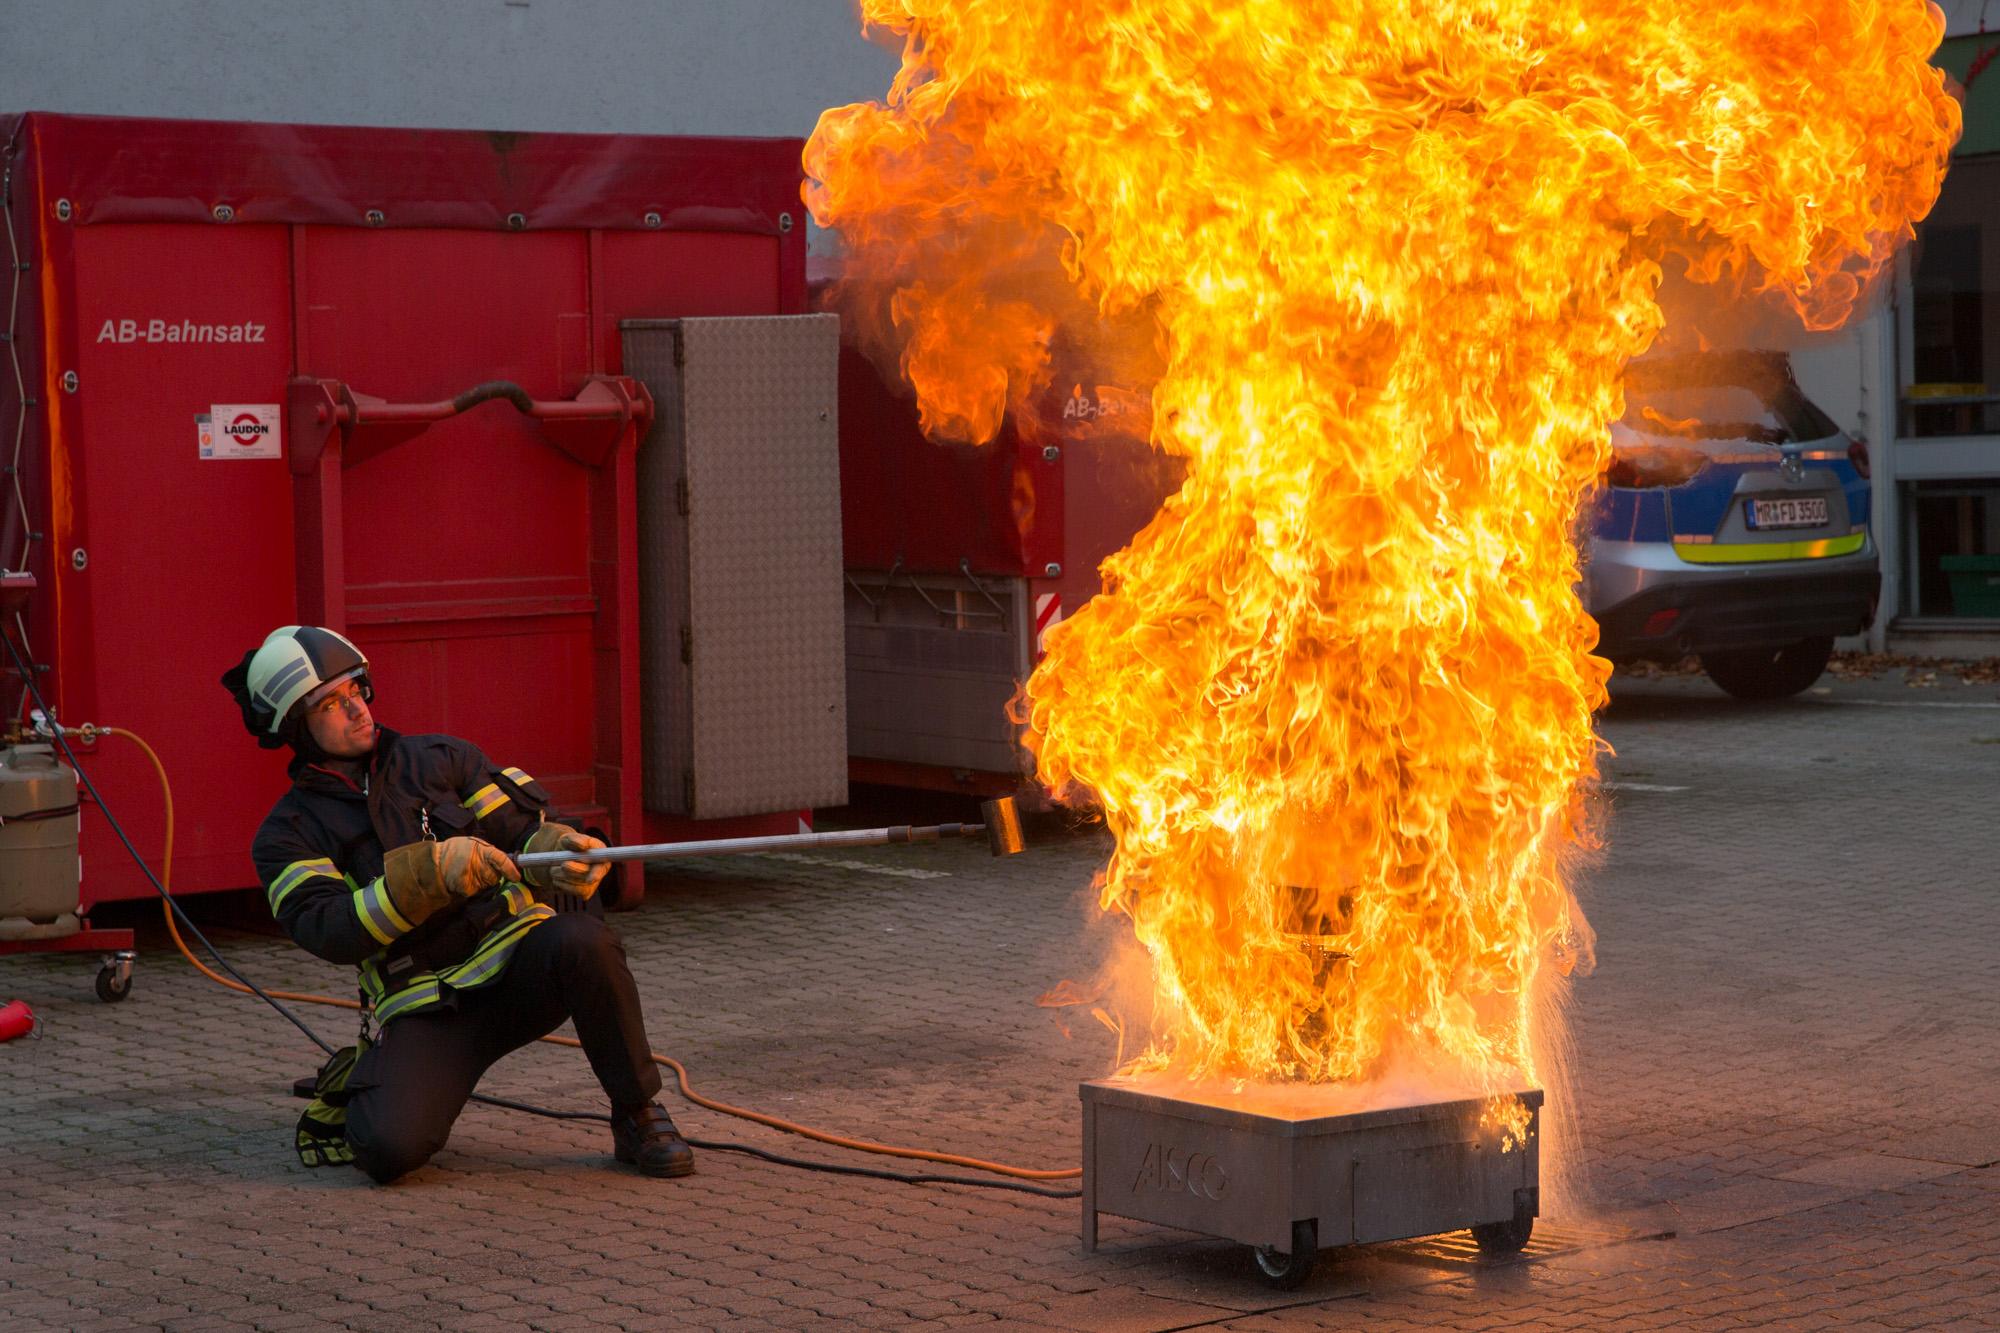 Das passiert, wenn Wasser auf brennendes Fett trifft!